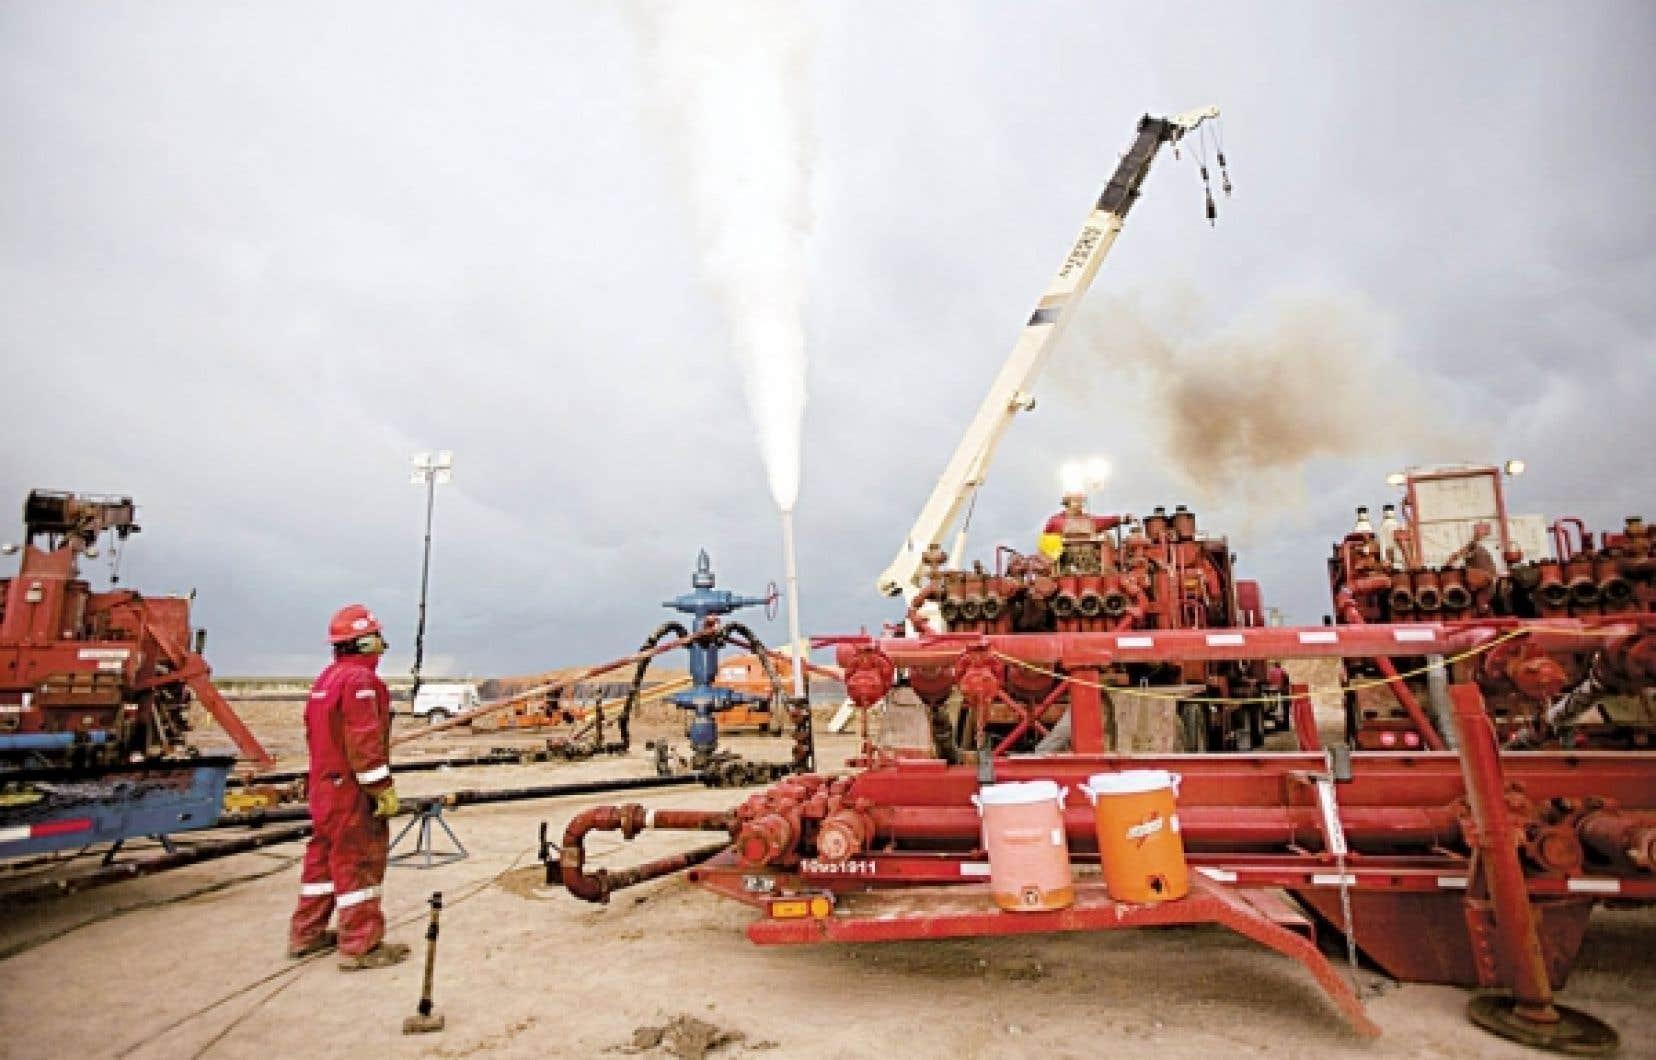 Un ouvrier surveille la purge d'un puits de gaz de schiste dans l'État du Nouveau-Mexique, une scène typique qui pourrait se multiplier au Québec, en particulier sur la rive sud du fleuve, où se concentre l'essentiel des projets d'exploration et d'exploitation.<br />